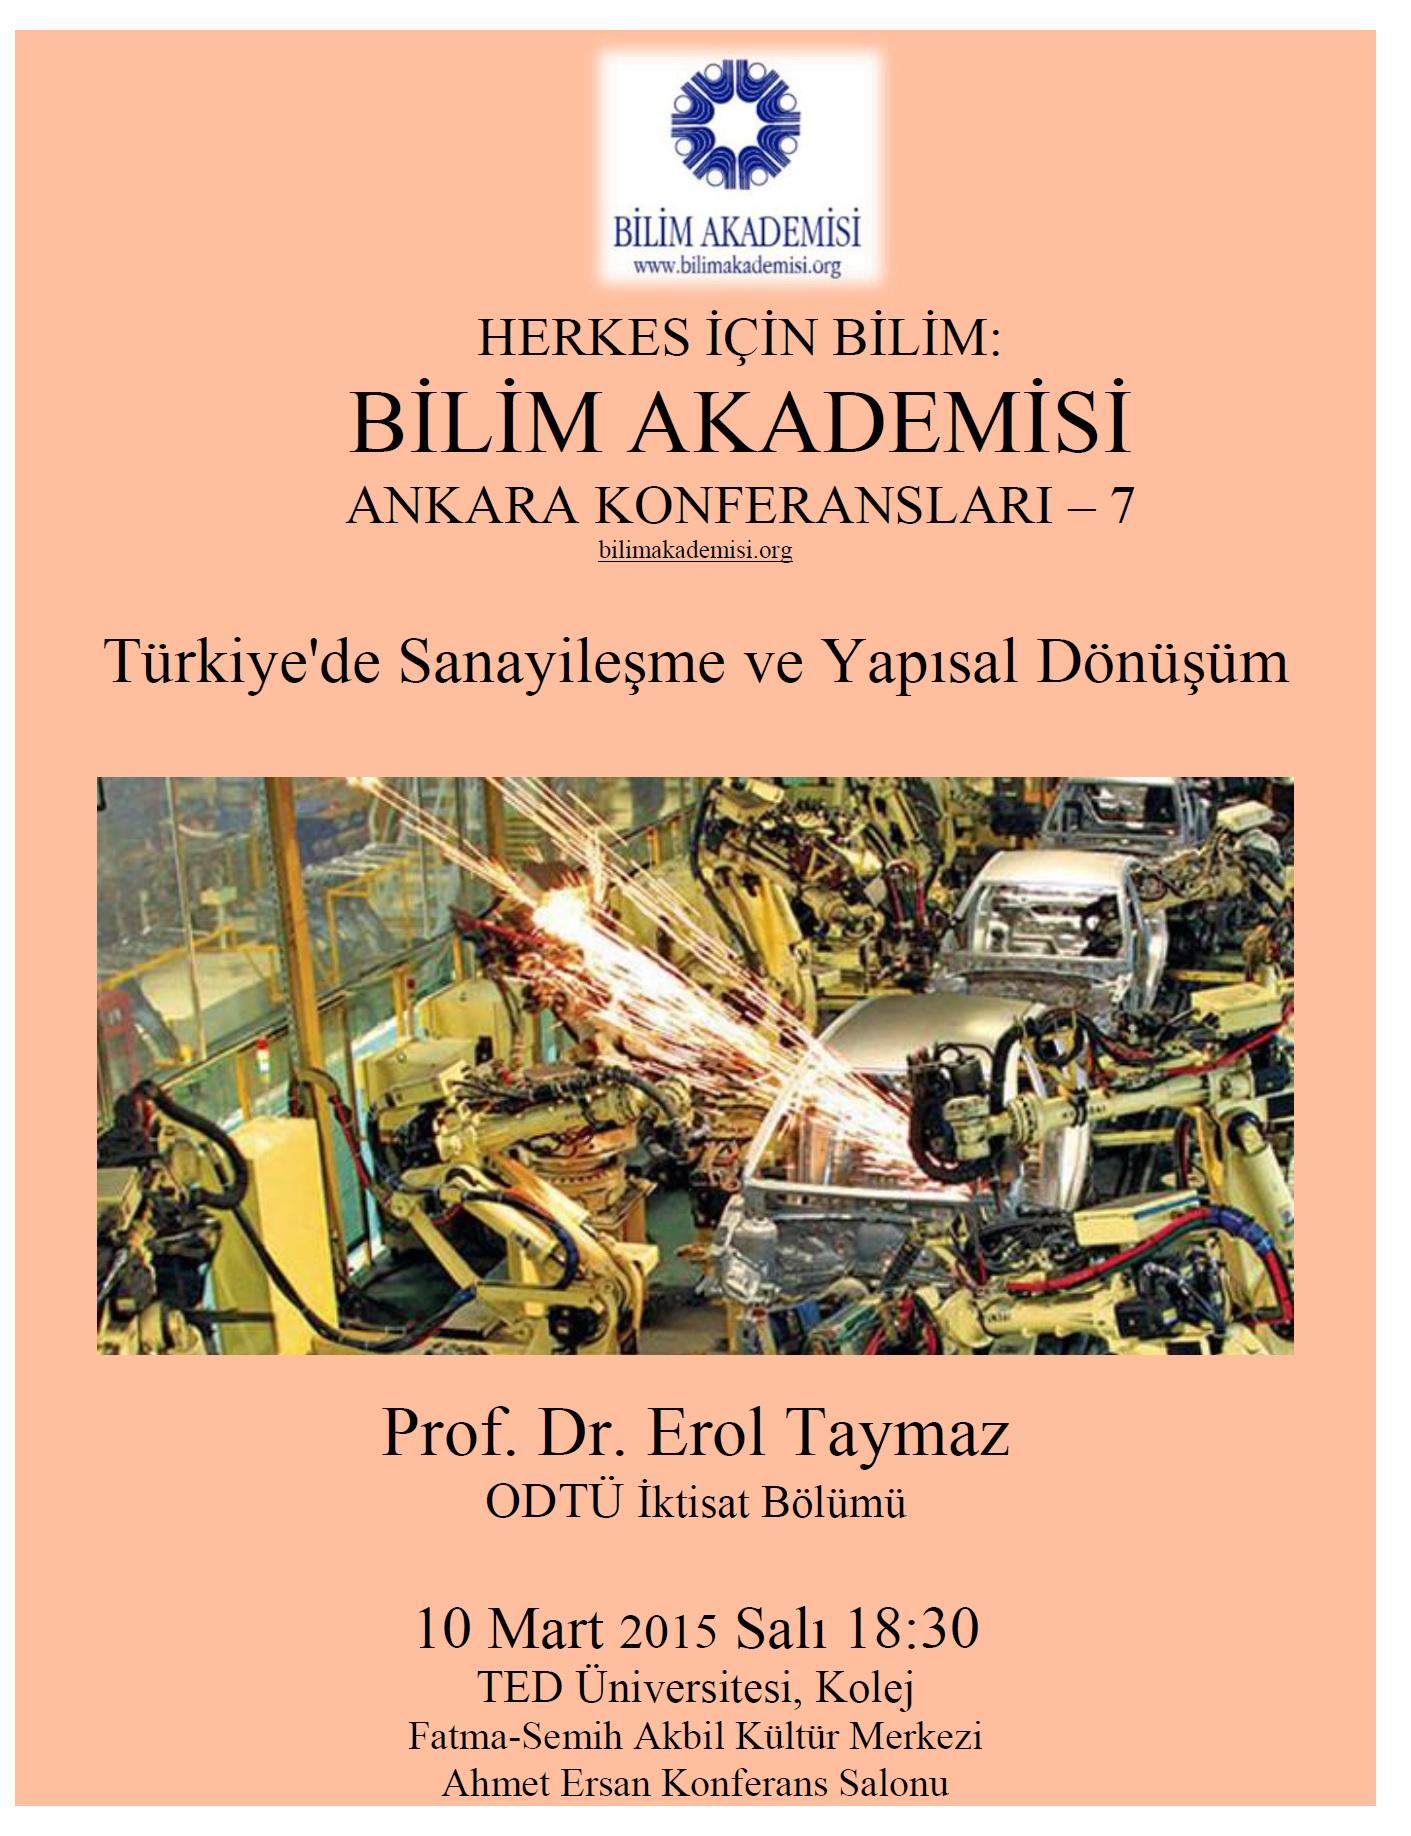 Türkiye'de Sanayileşme ve Yapısal Dönüşüm - Konuşmacı : Erol Taymaz